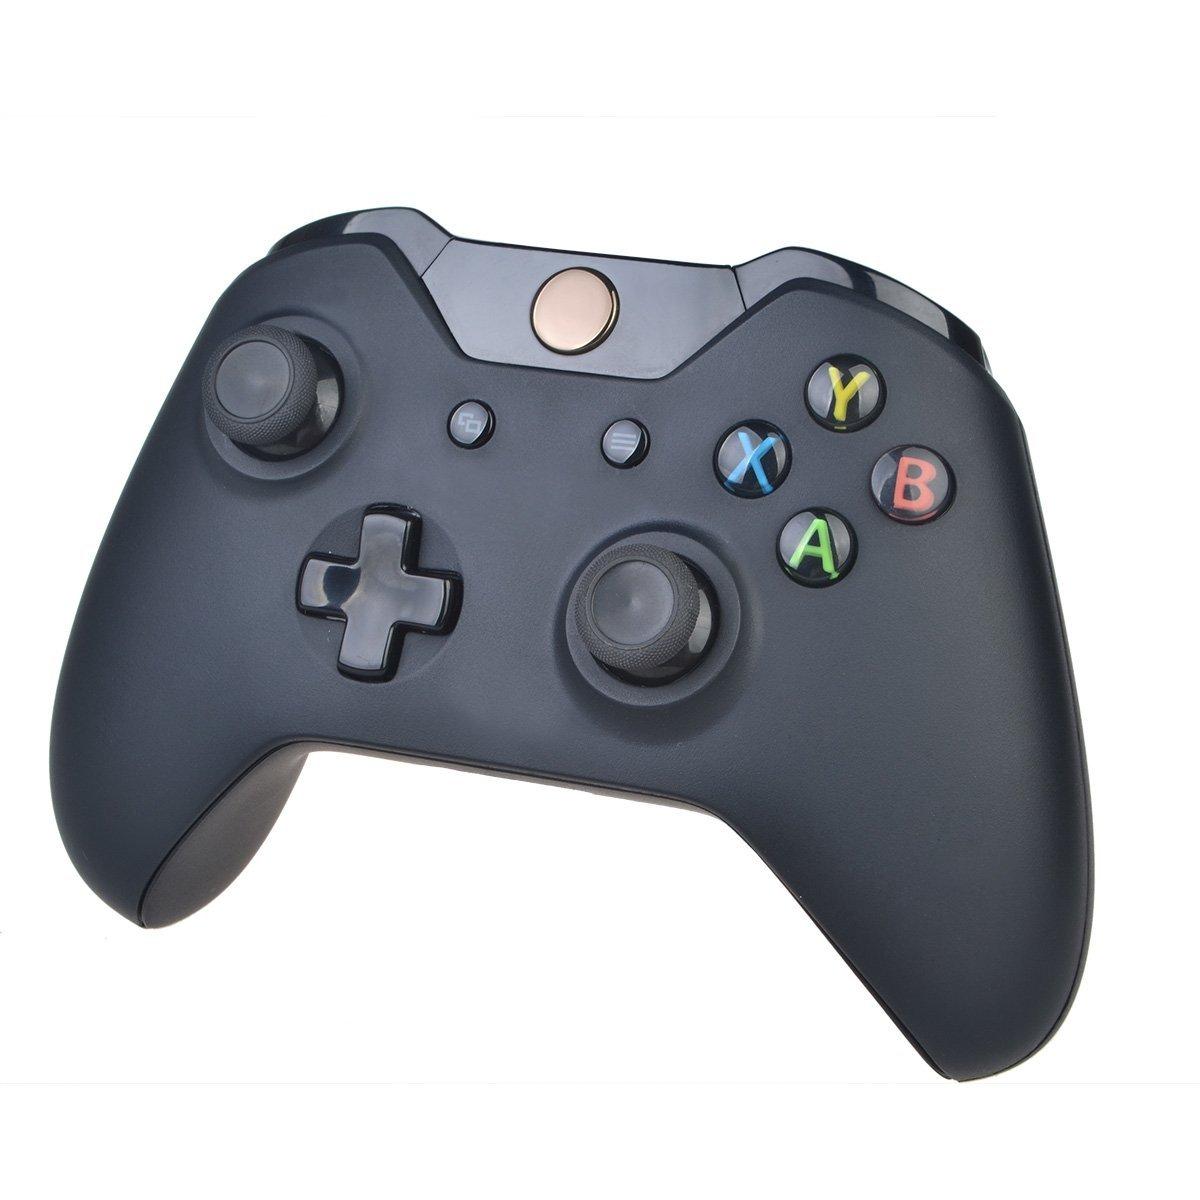 Tay cầm chơi game  Trò chơi máy tính không dây ieGeek ® rúng động trò chơi game cầm tay cầm tay cầm